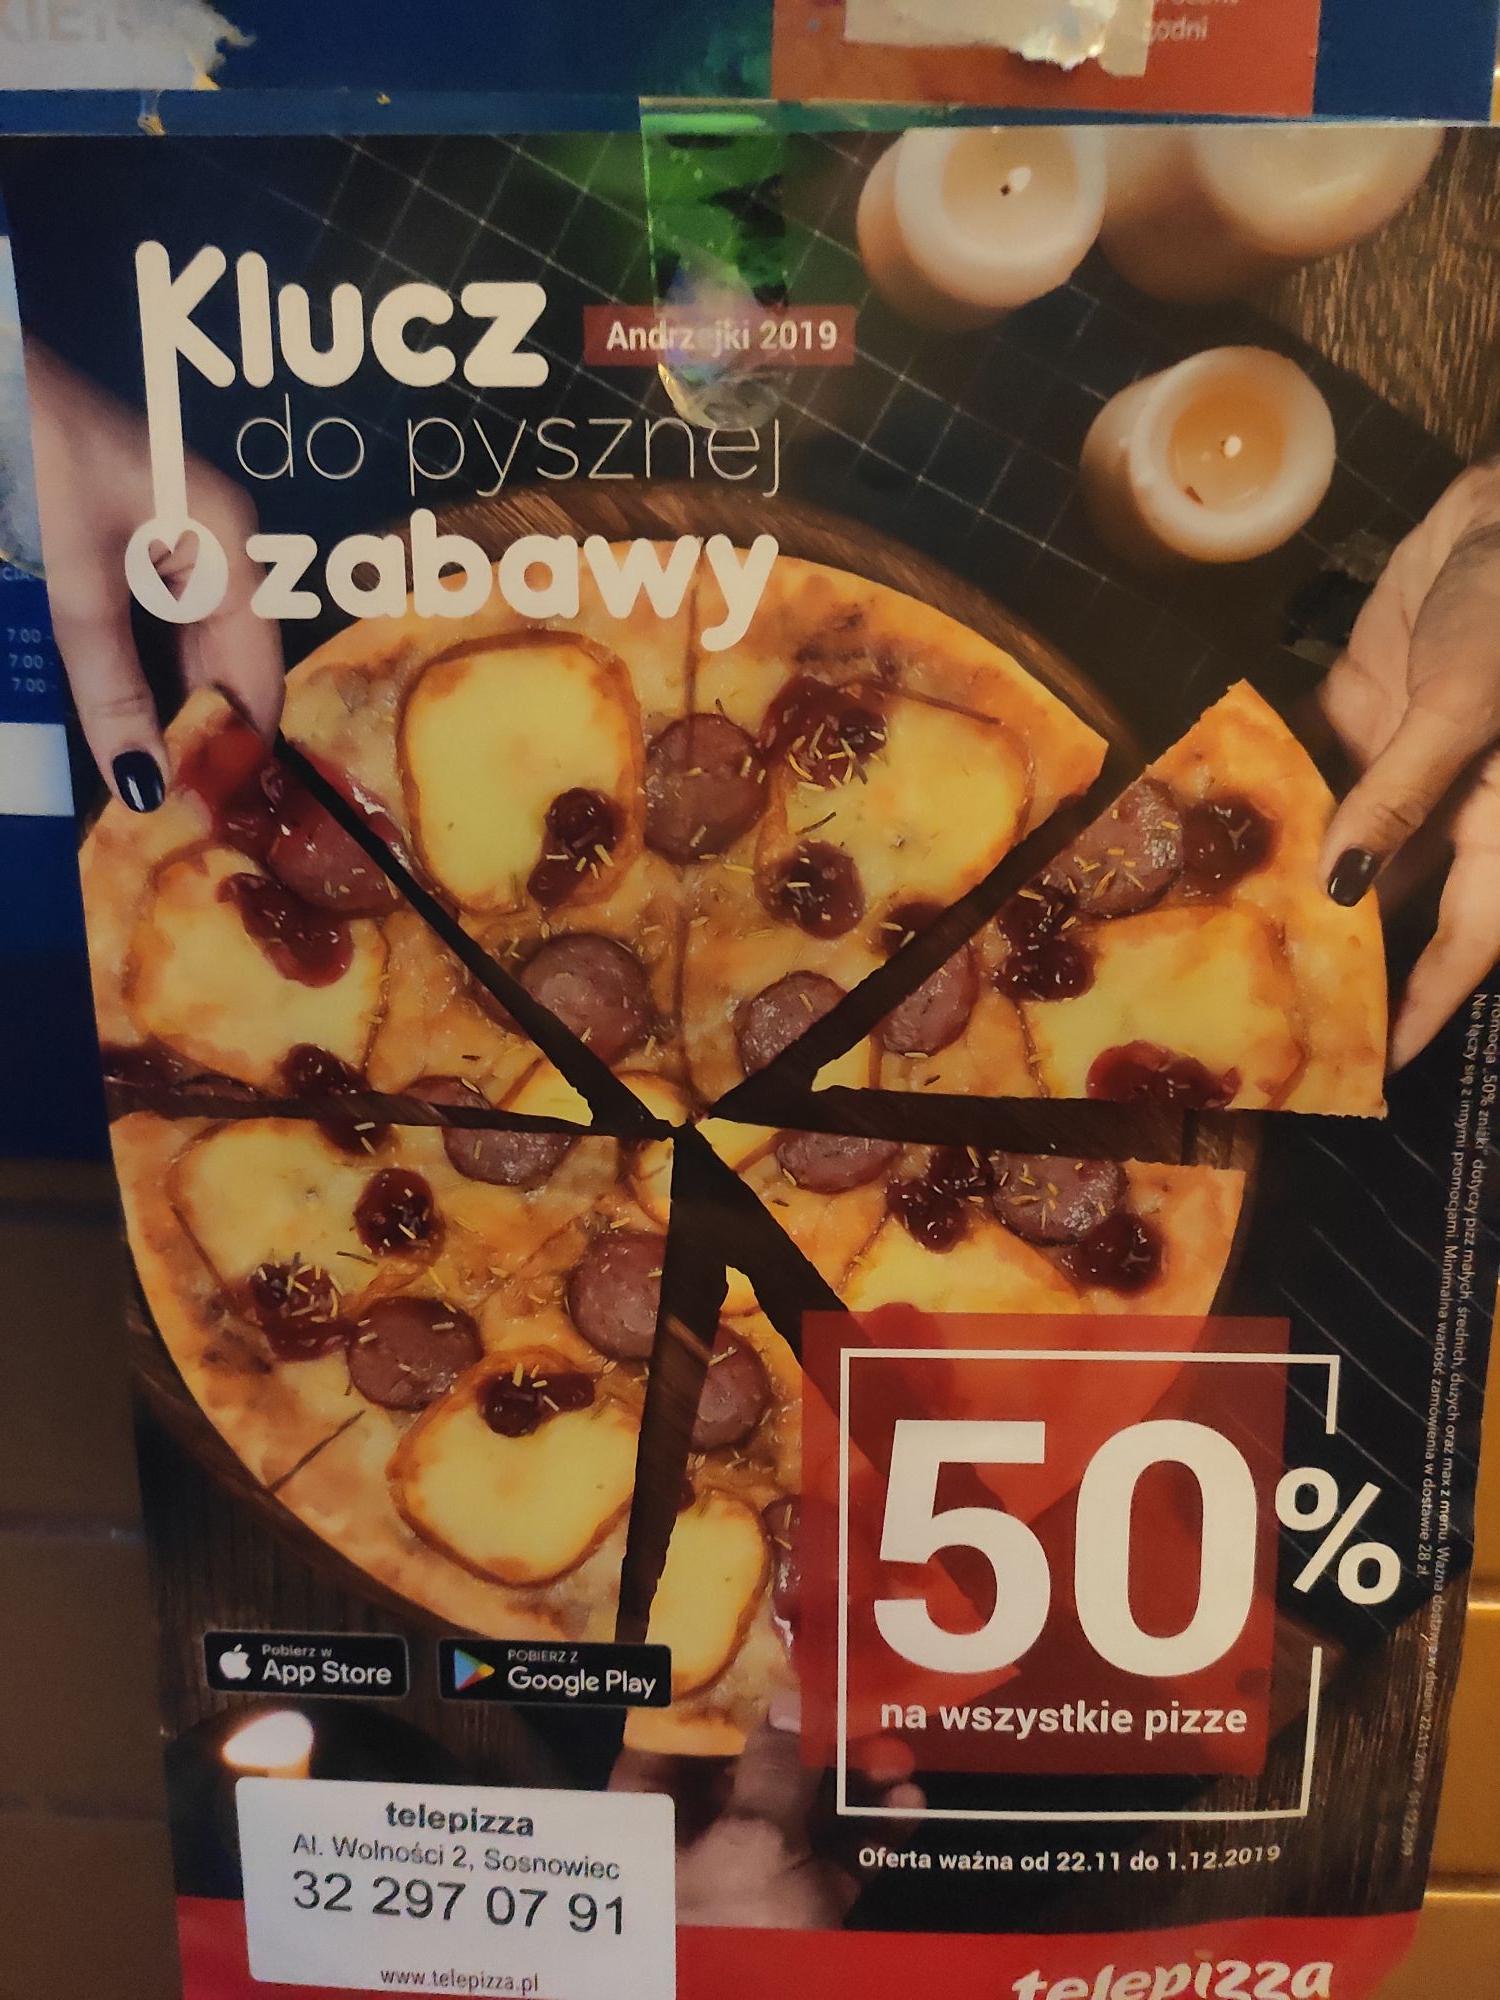 Telepizza -50% na wszystkie pizze